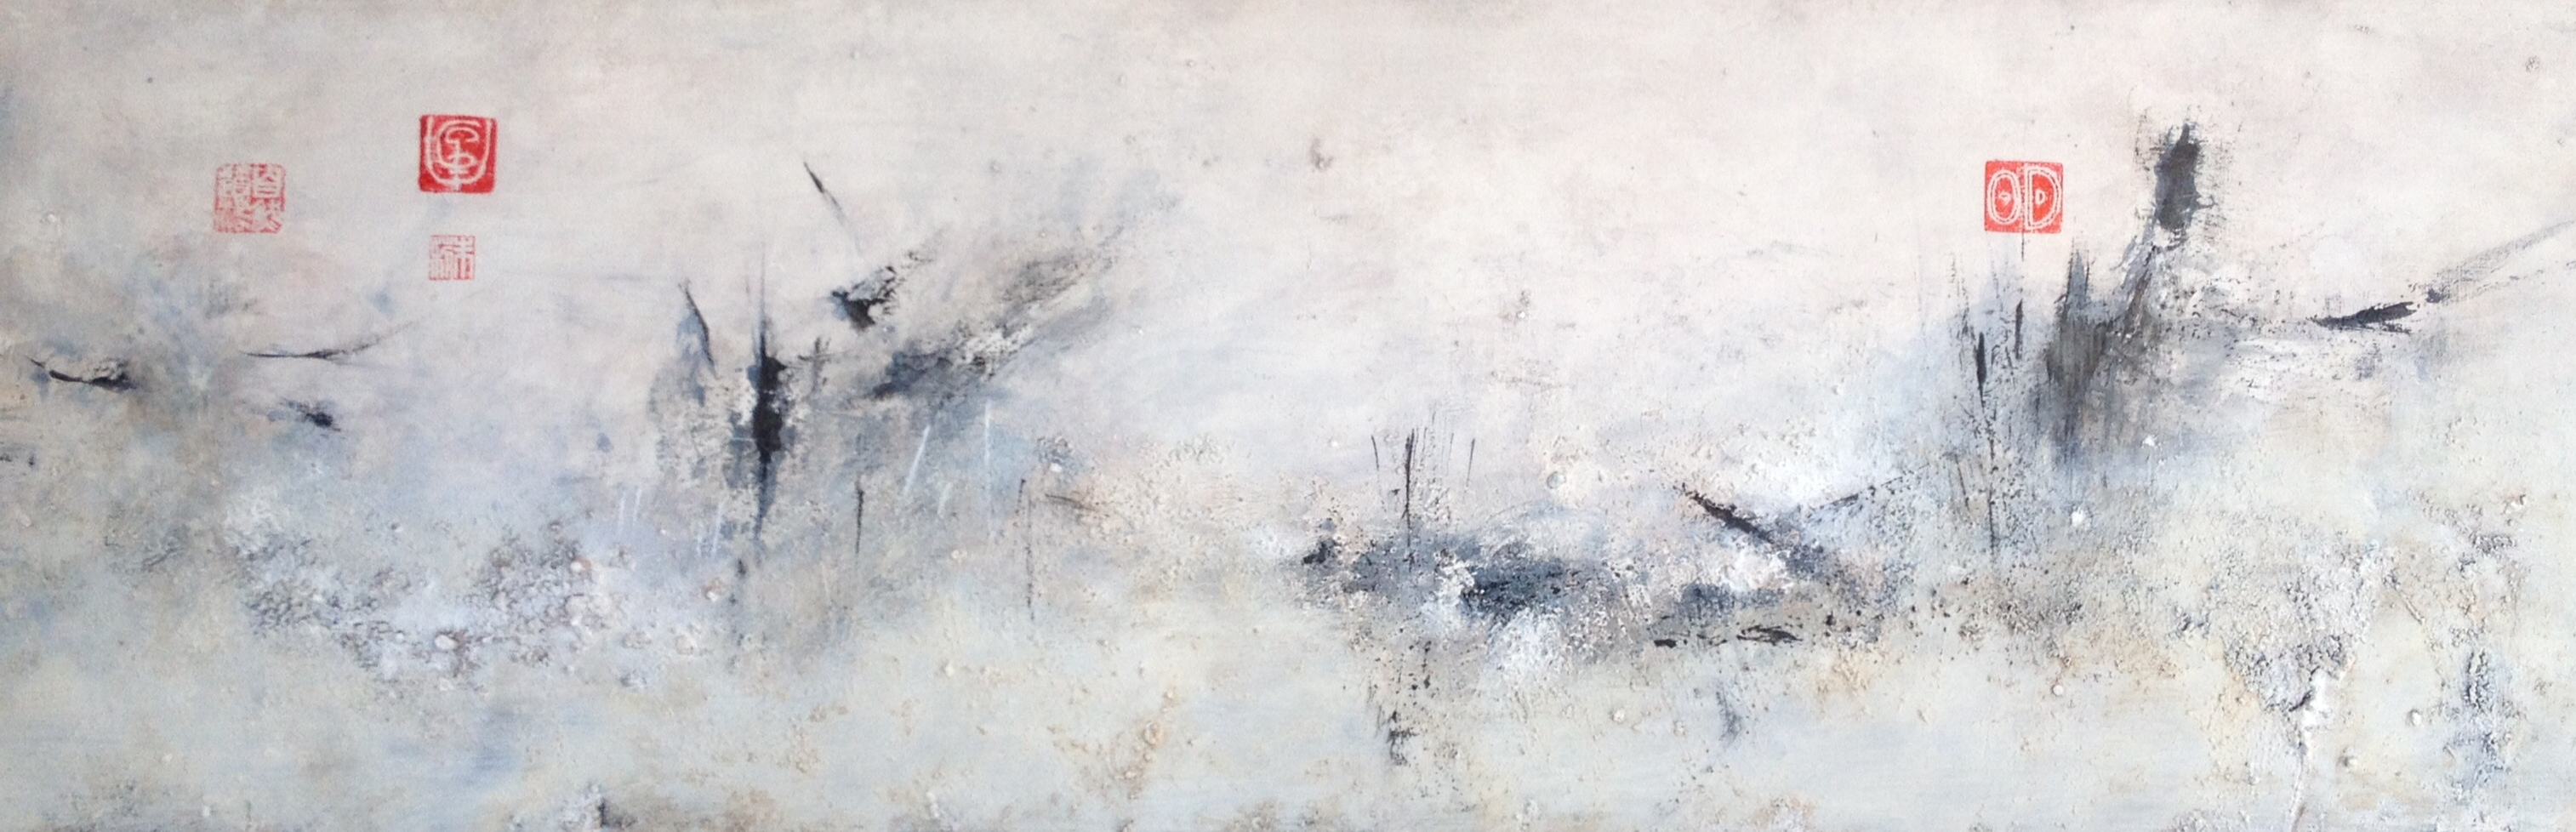 Julie Hauer, Untitled, 2015, Mischtechnik auf Leinwand, 45 x 120 cm